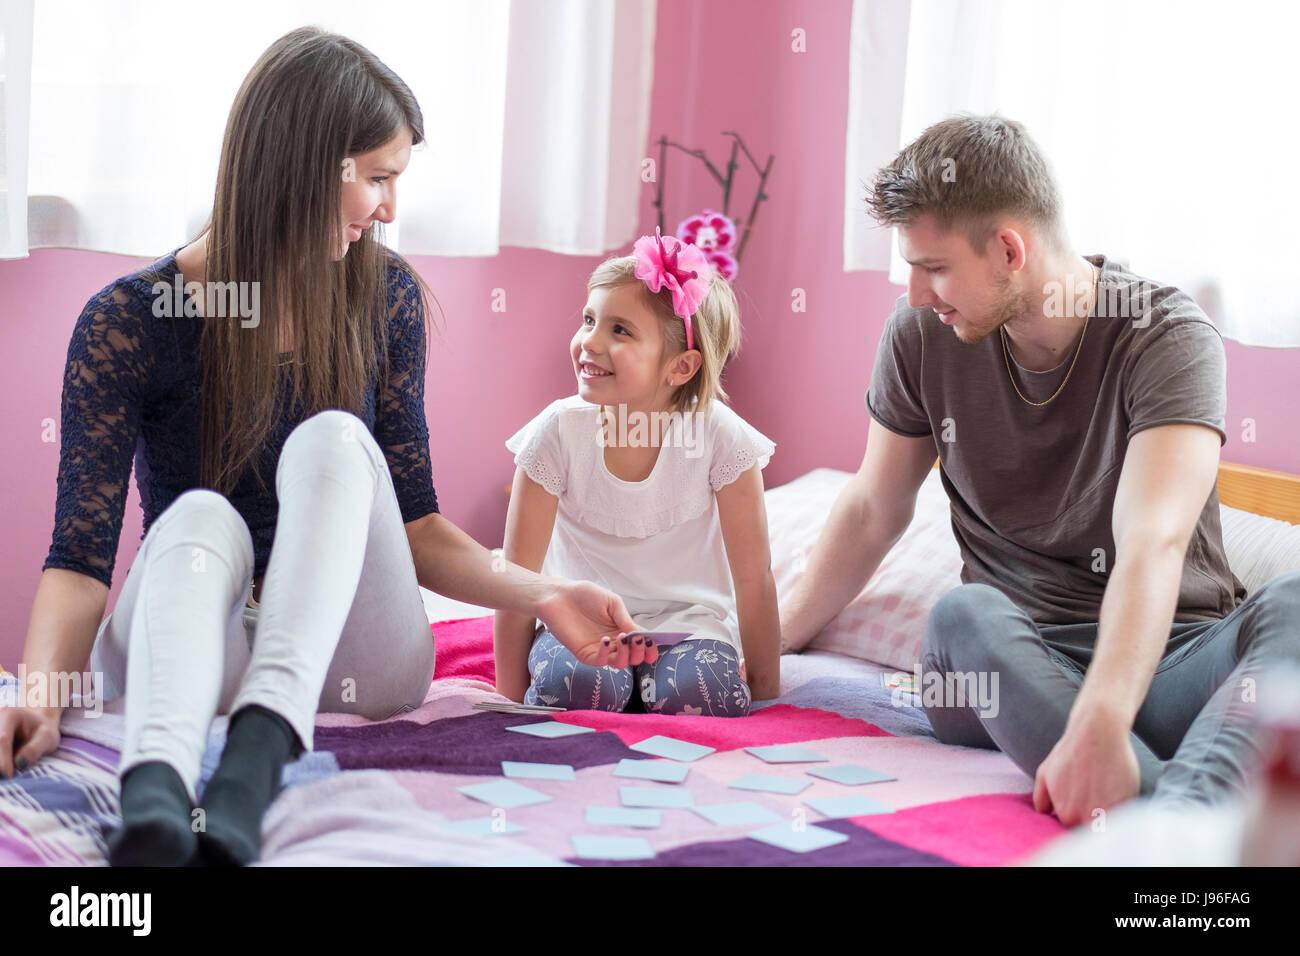 Mutter und Tochter im Bett spielen. Familienspaß Konzept Stockbild